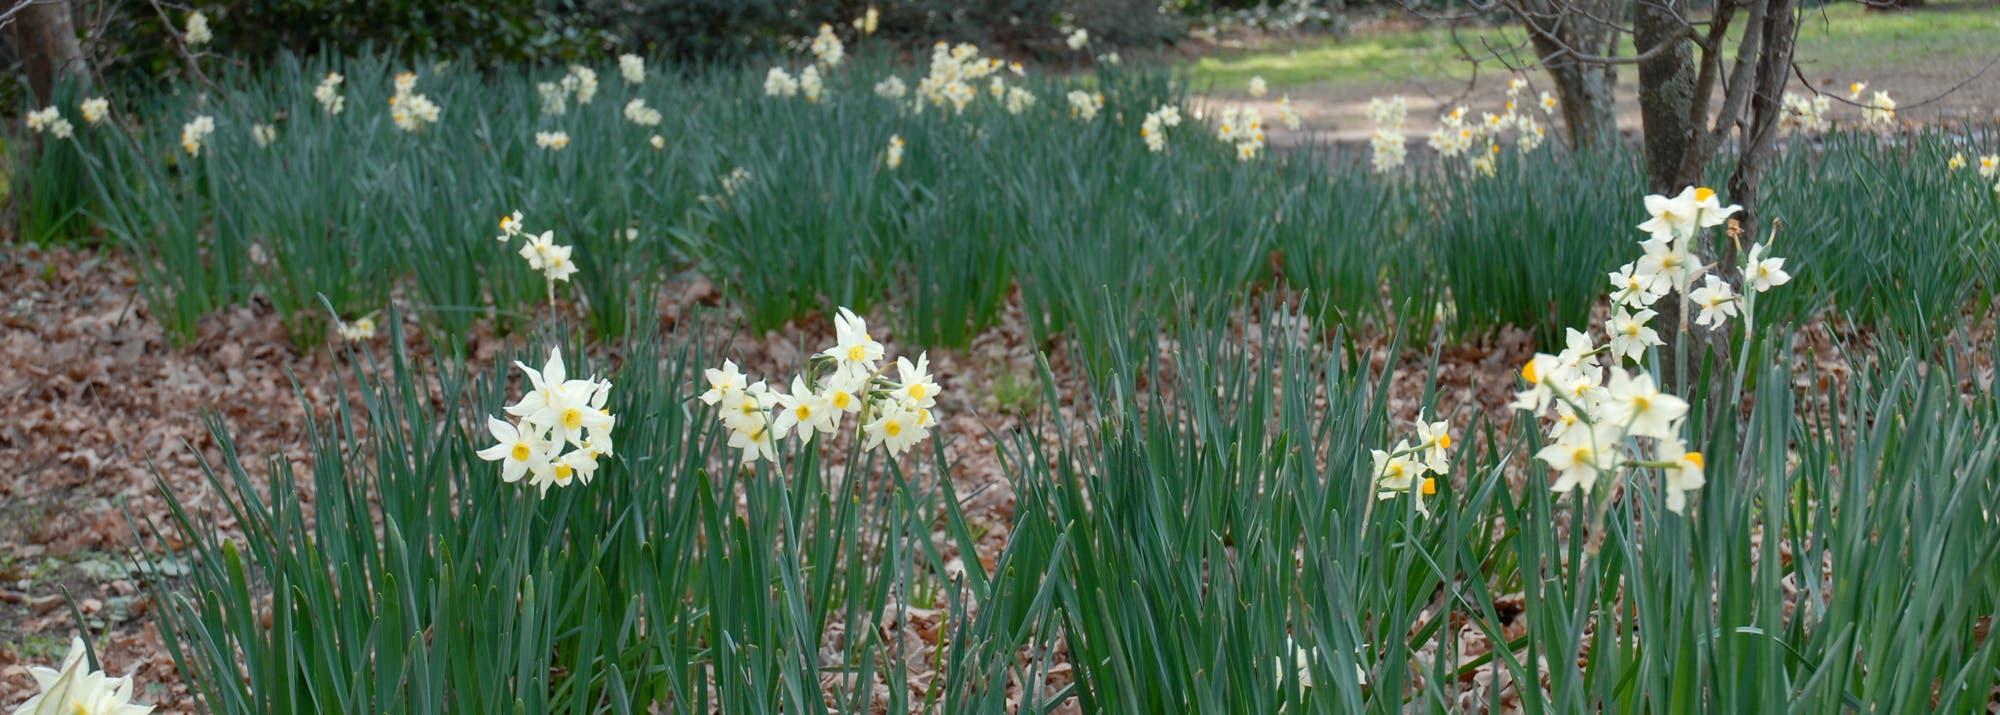 10 flores de primavera con perfumes maravillosos para tener